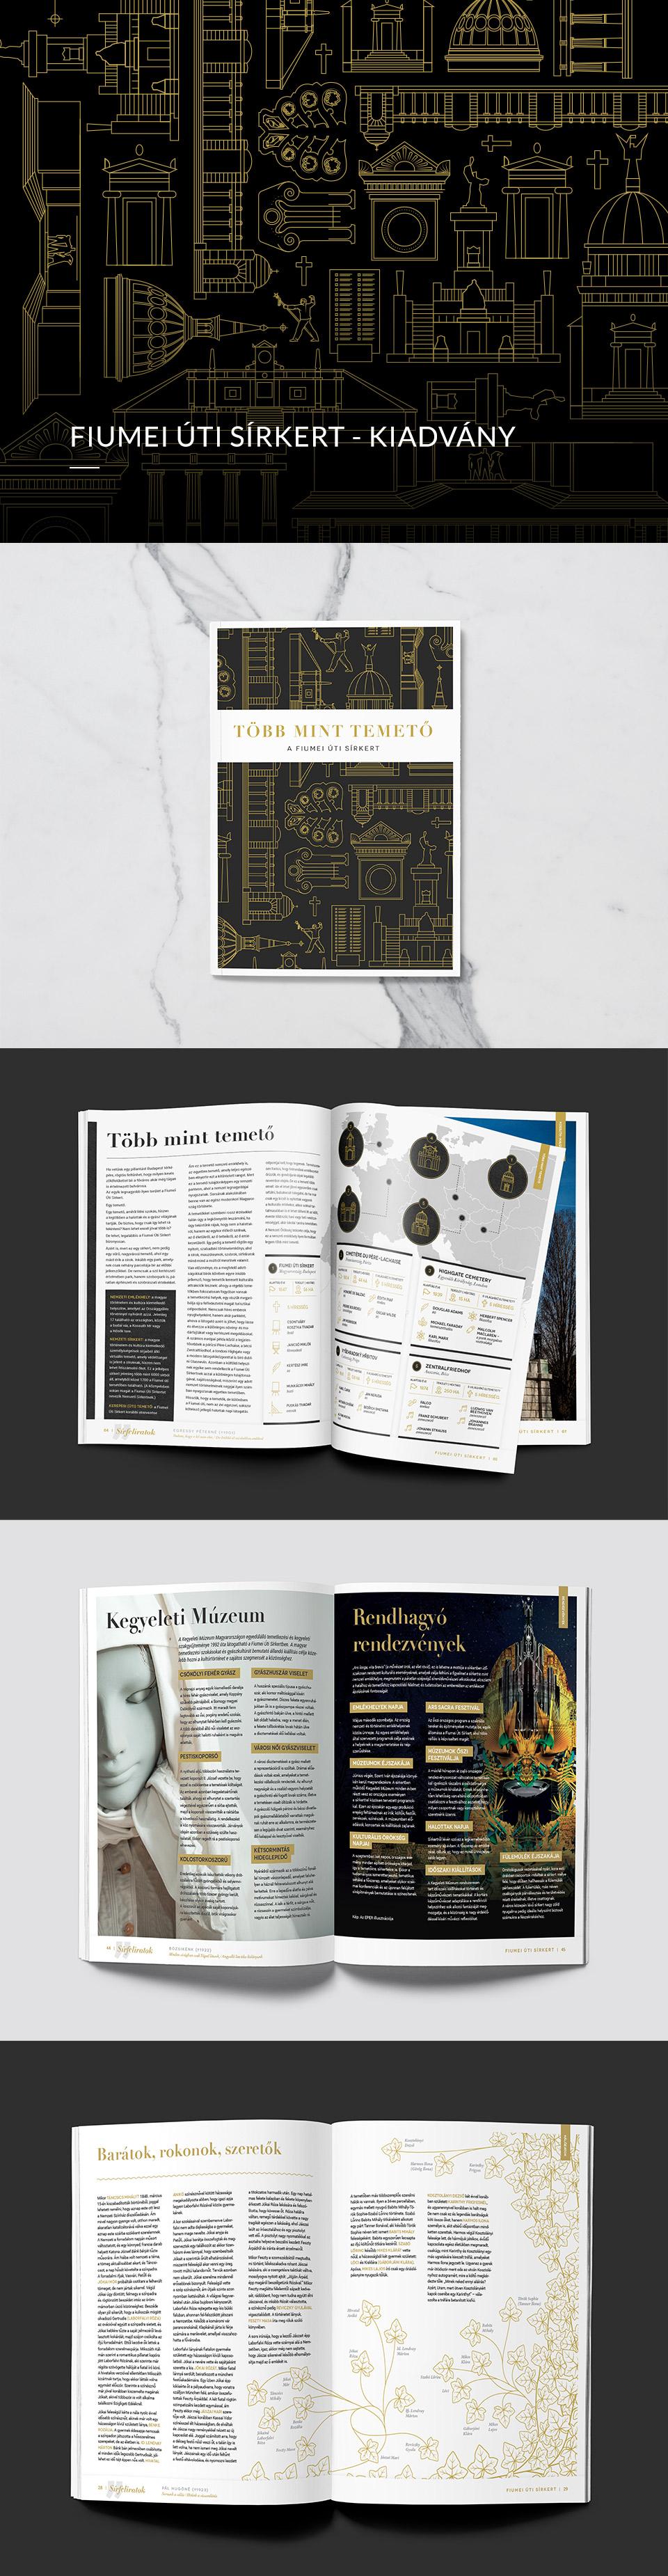 grafika, kiadvány, nyomdai grafika